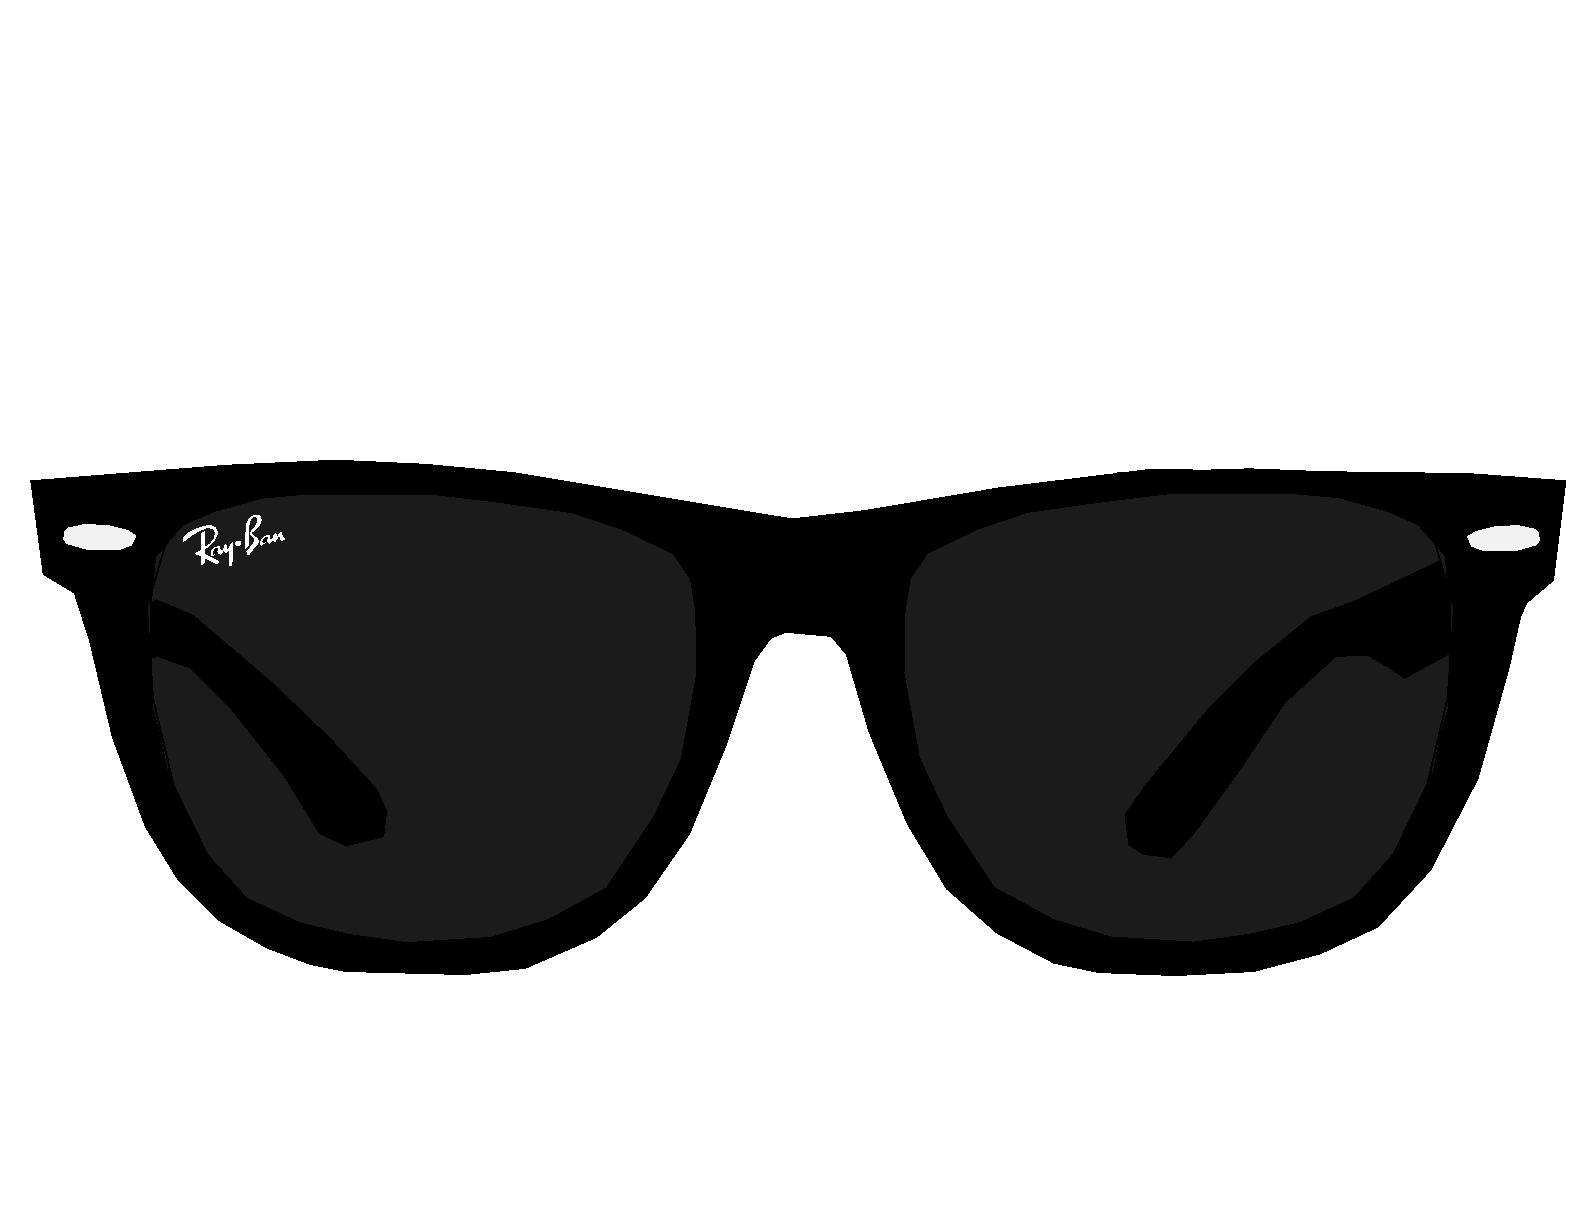 Sunglass Clipart